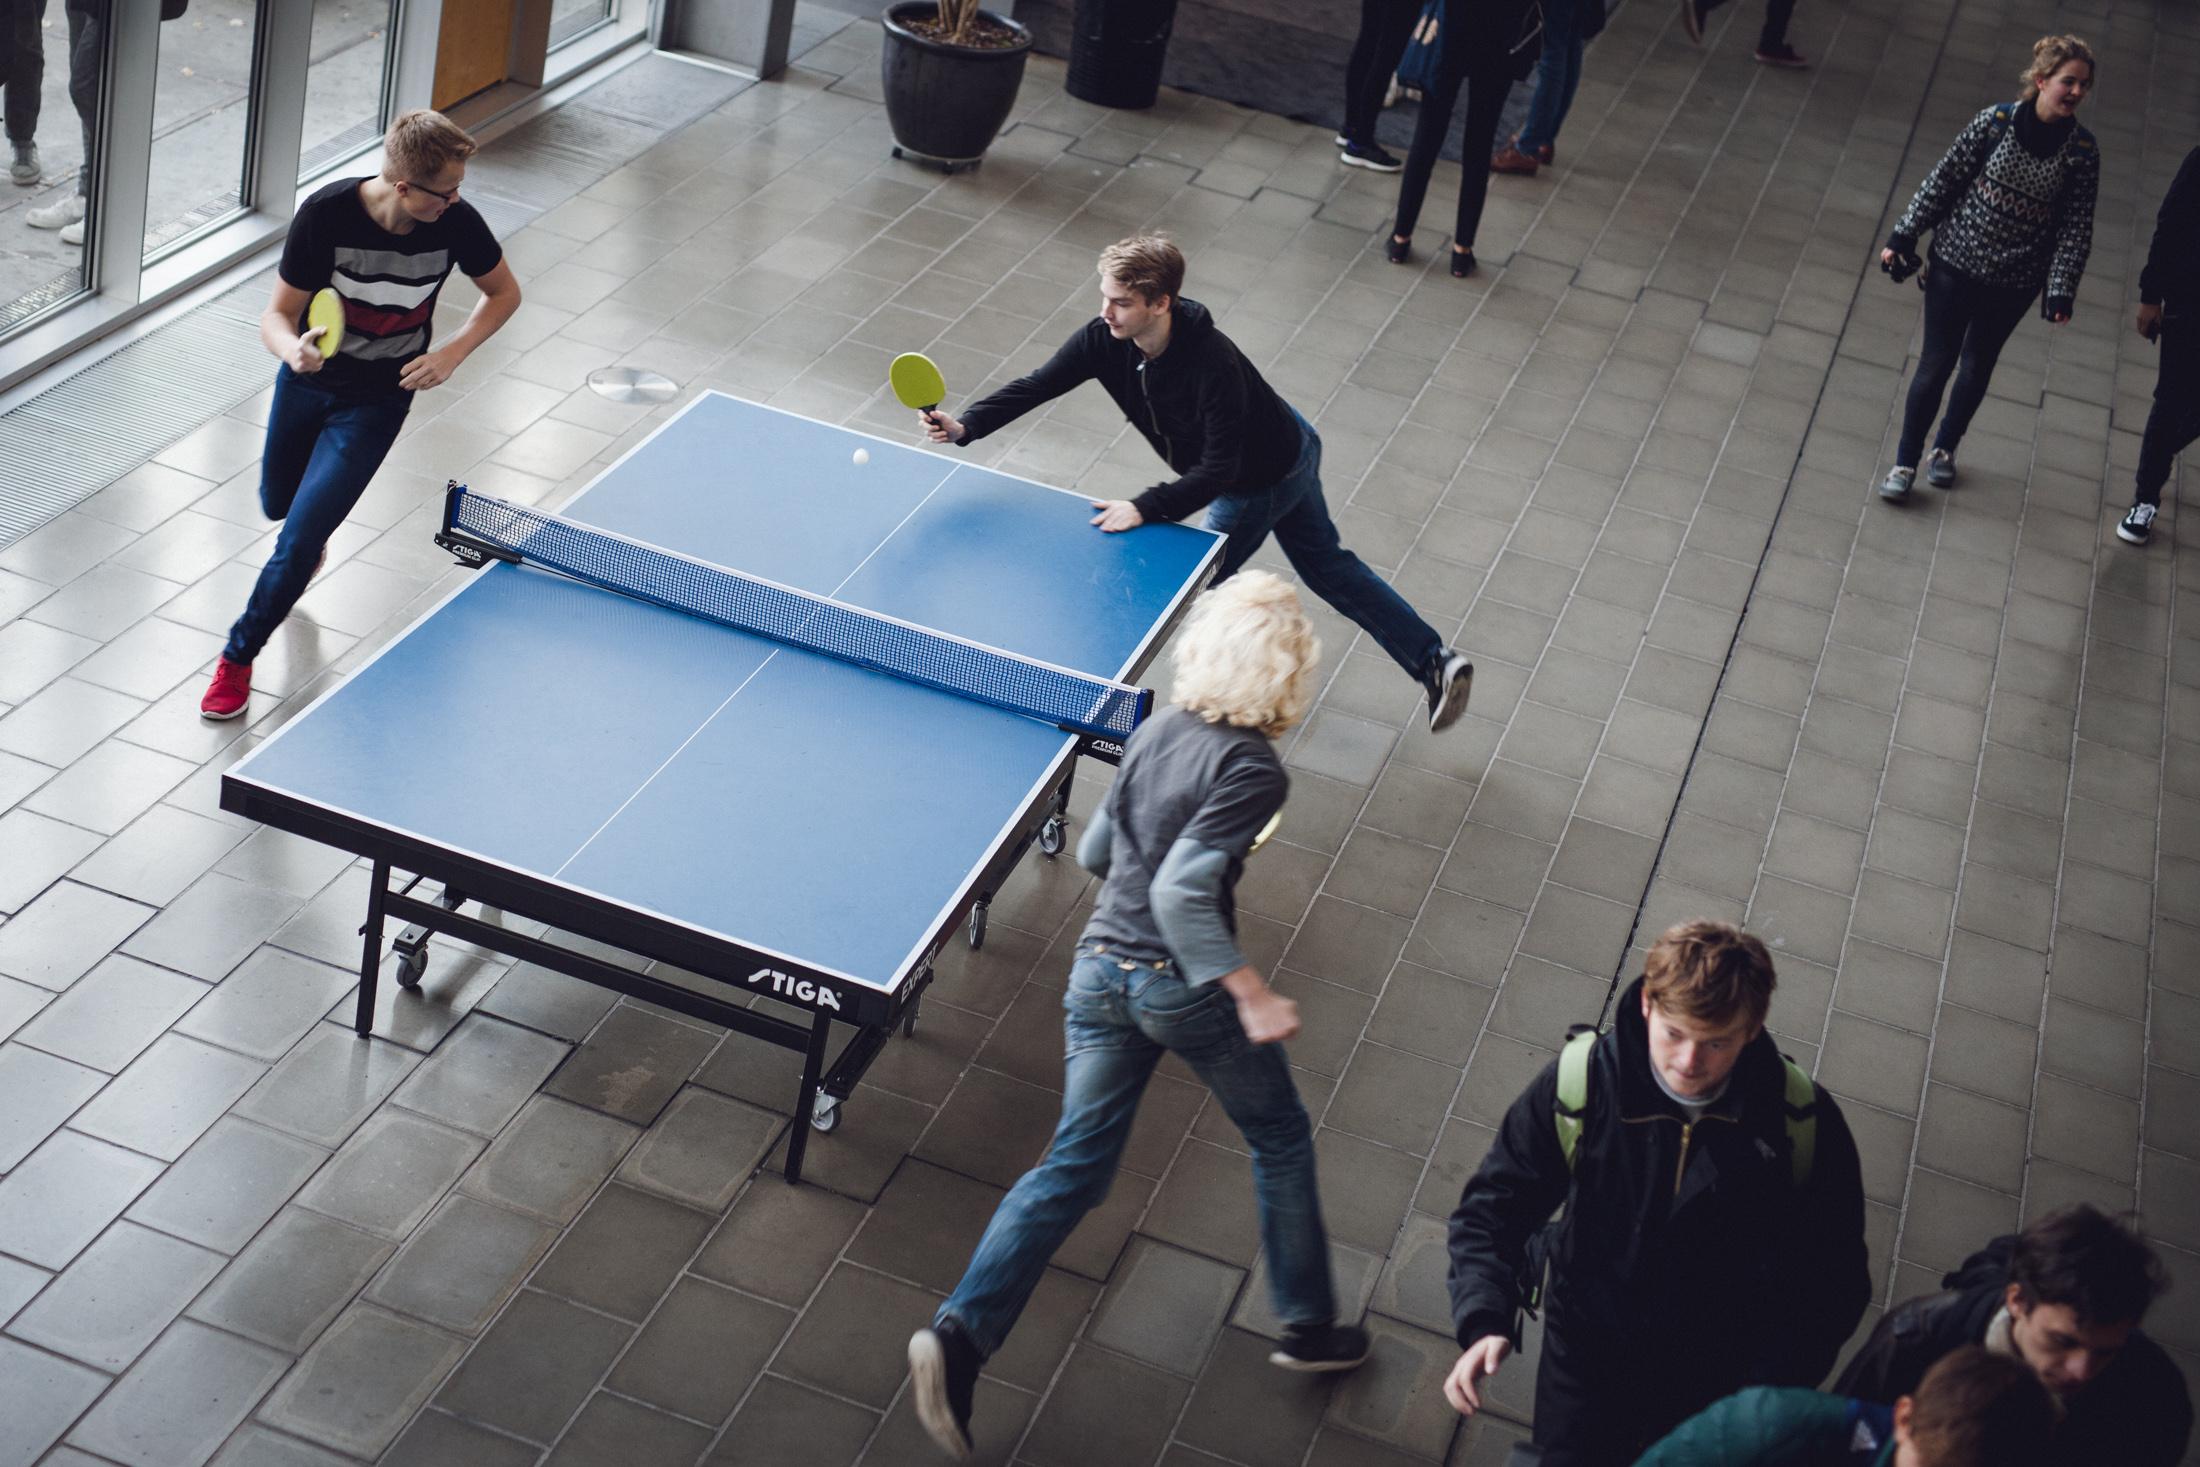 Foto af elever der løber rundt om bordtennisbord i forhallen og spiller bordtennis.